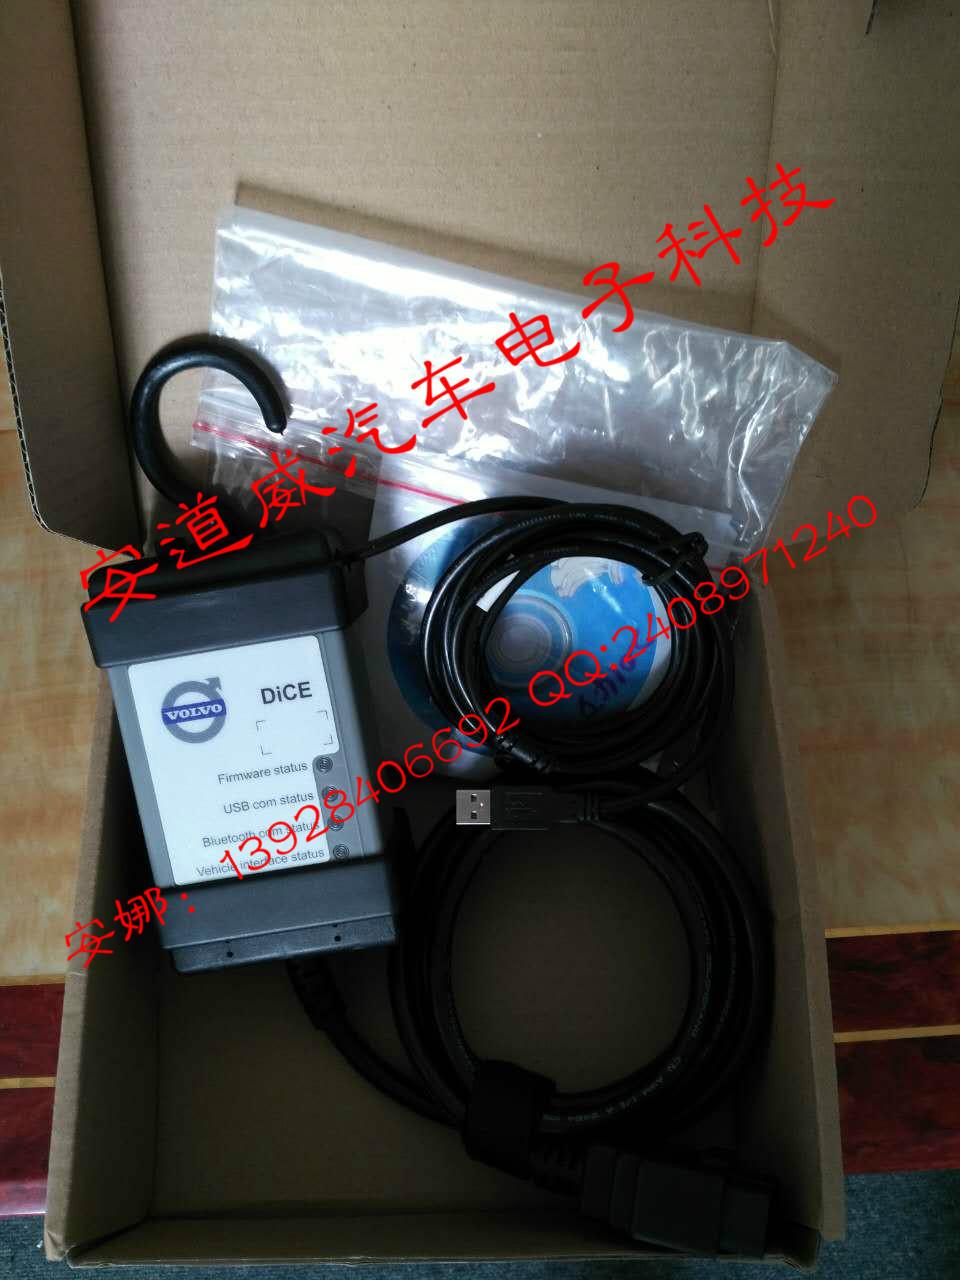 最新版沃尔沃检测仪VolvoVidaDice2014D中文版富豪汽车故障诊断仪